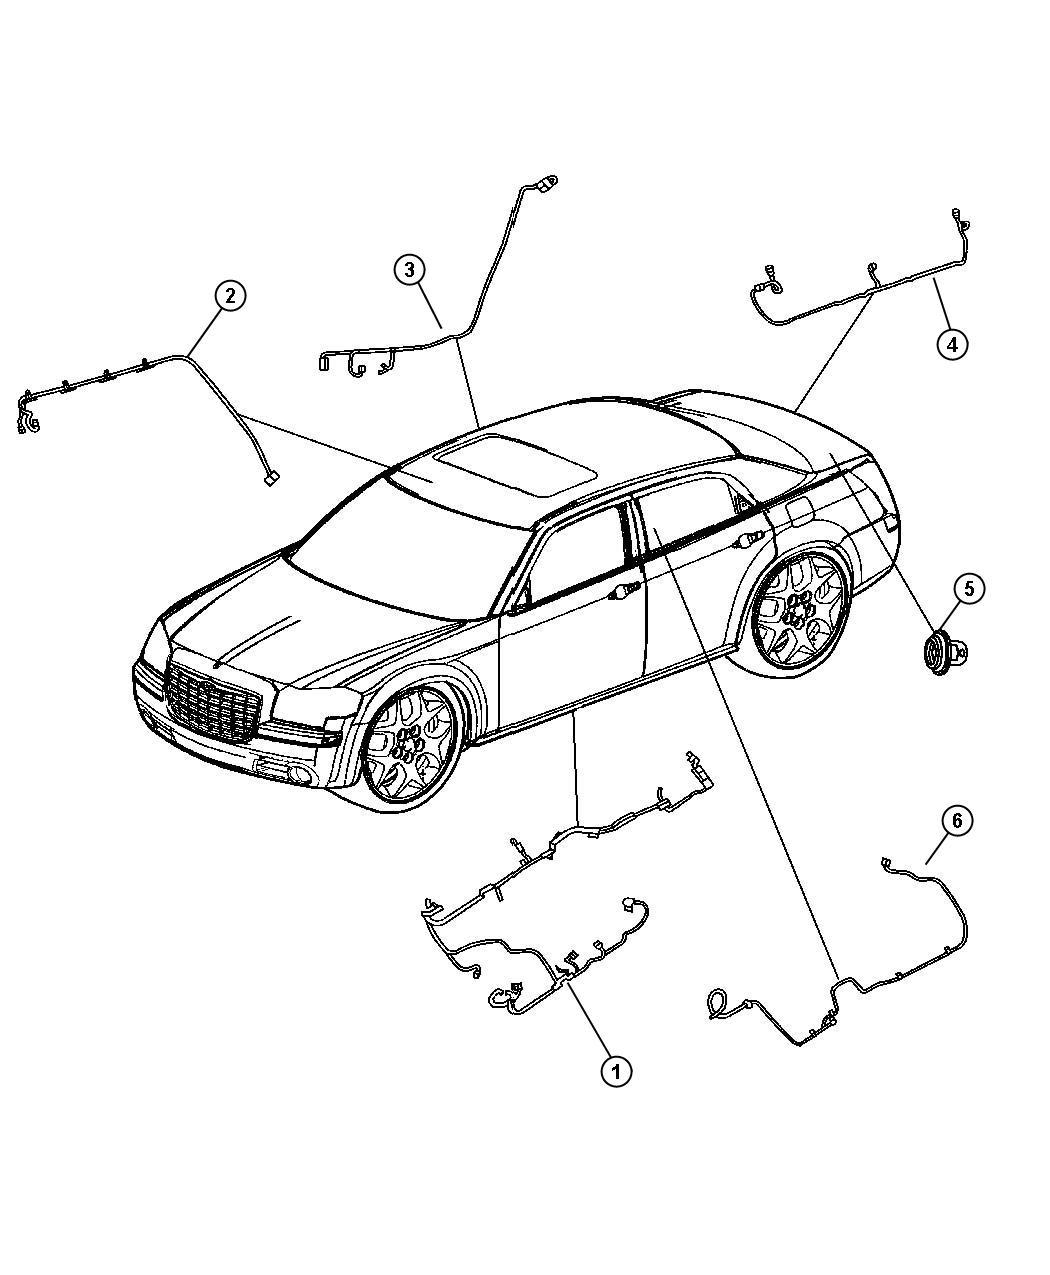 2007 dodge magnum wiring diagram